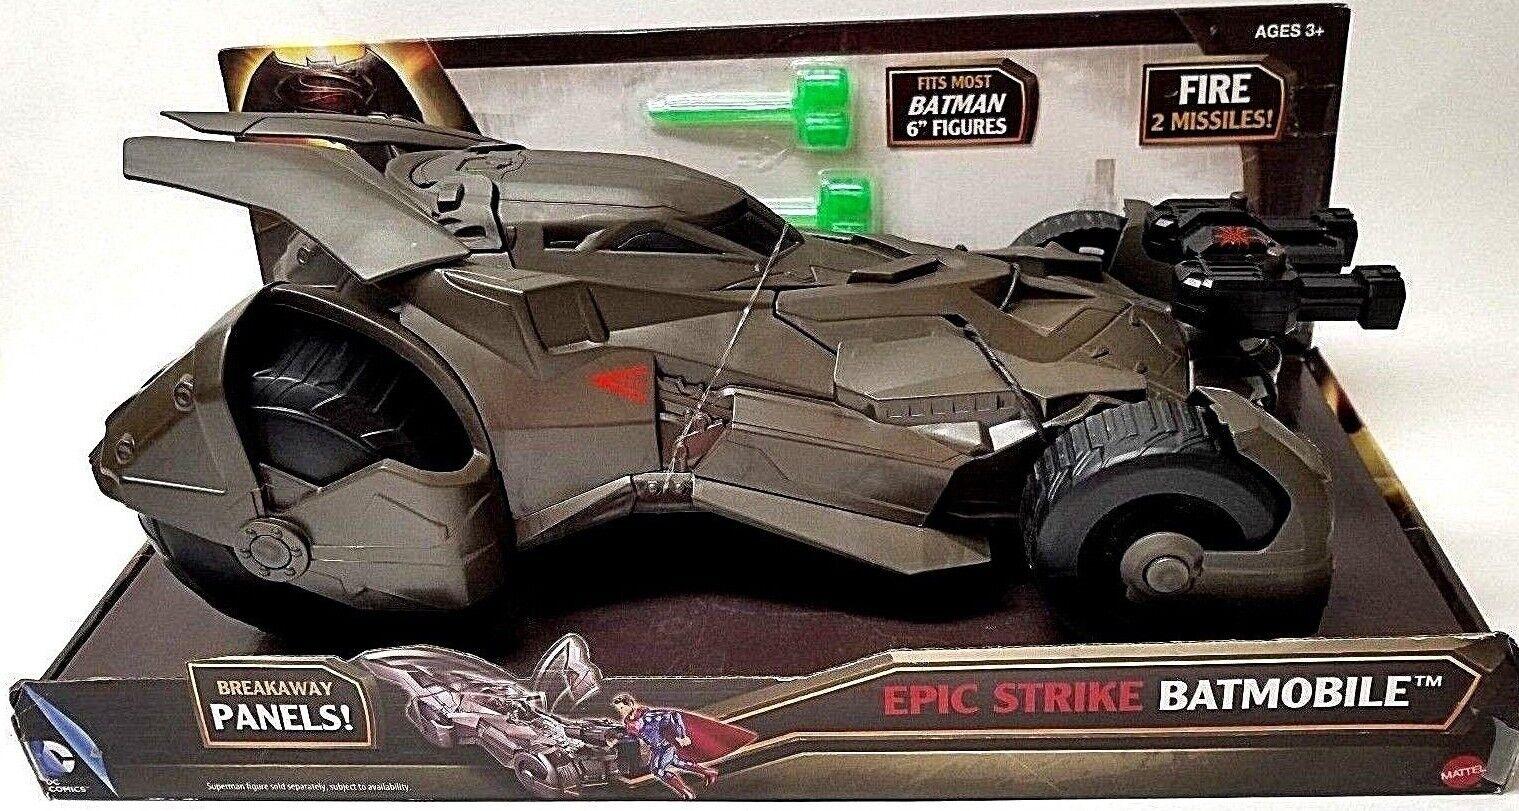 Ein streik batmobil - batman und superman auf gerechtigkeit ab 3 +